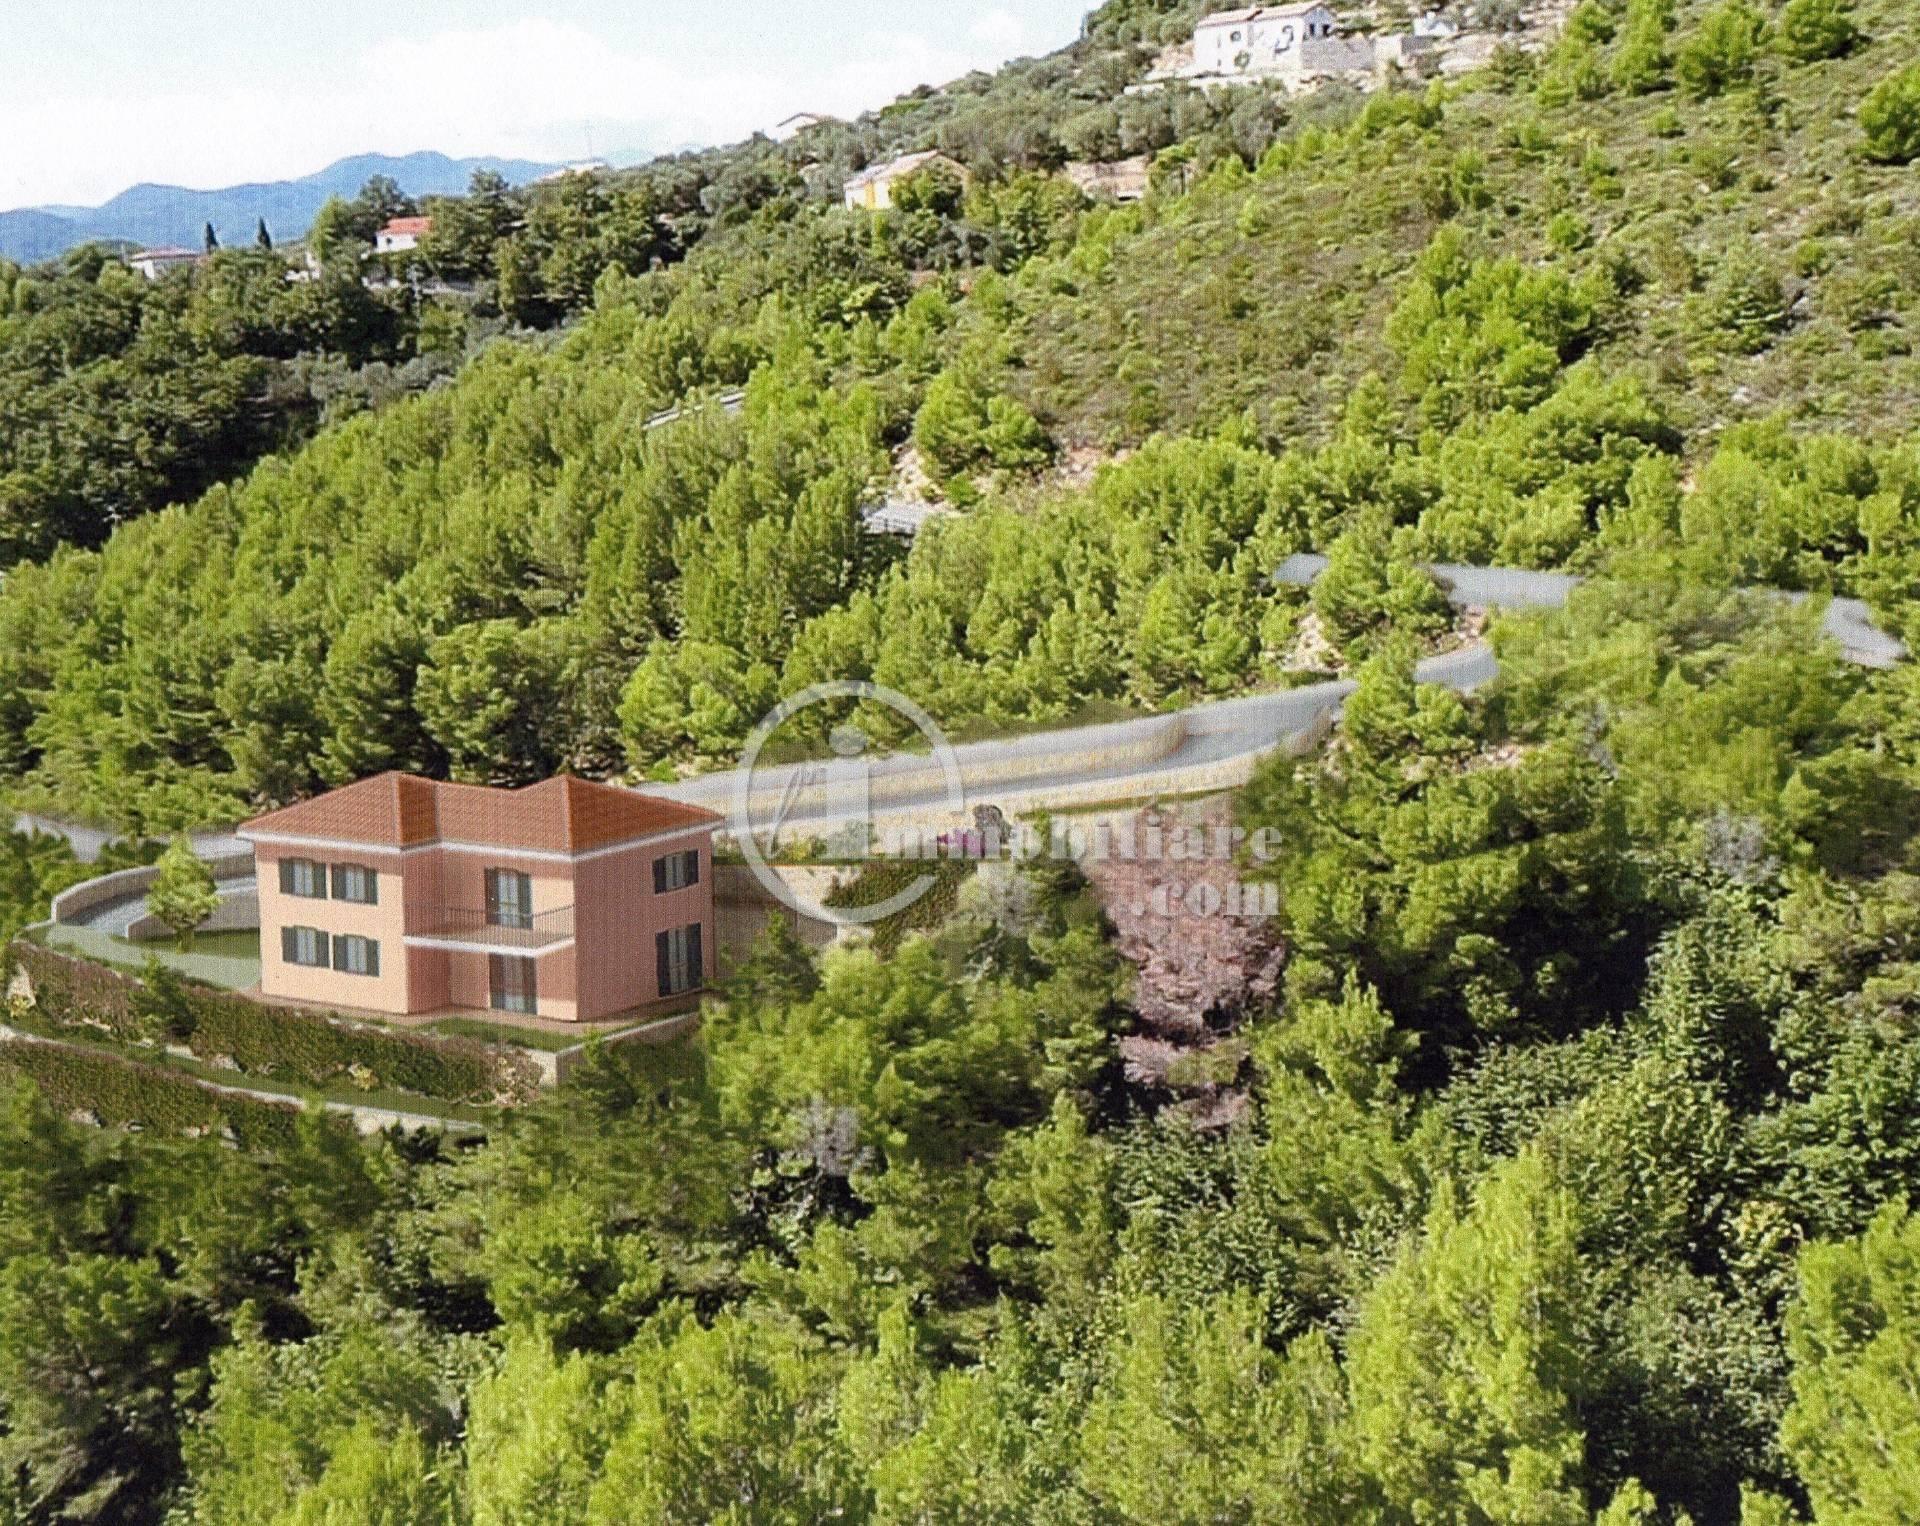 Terreno residenziale in Vendita a Arnasco: 4500 mq